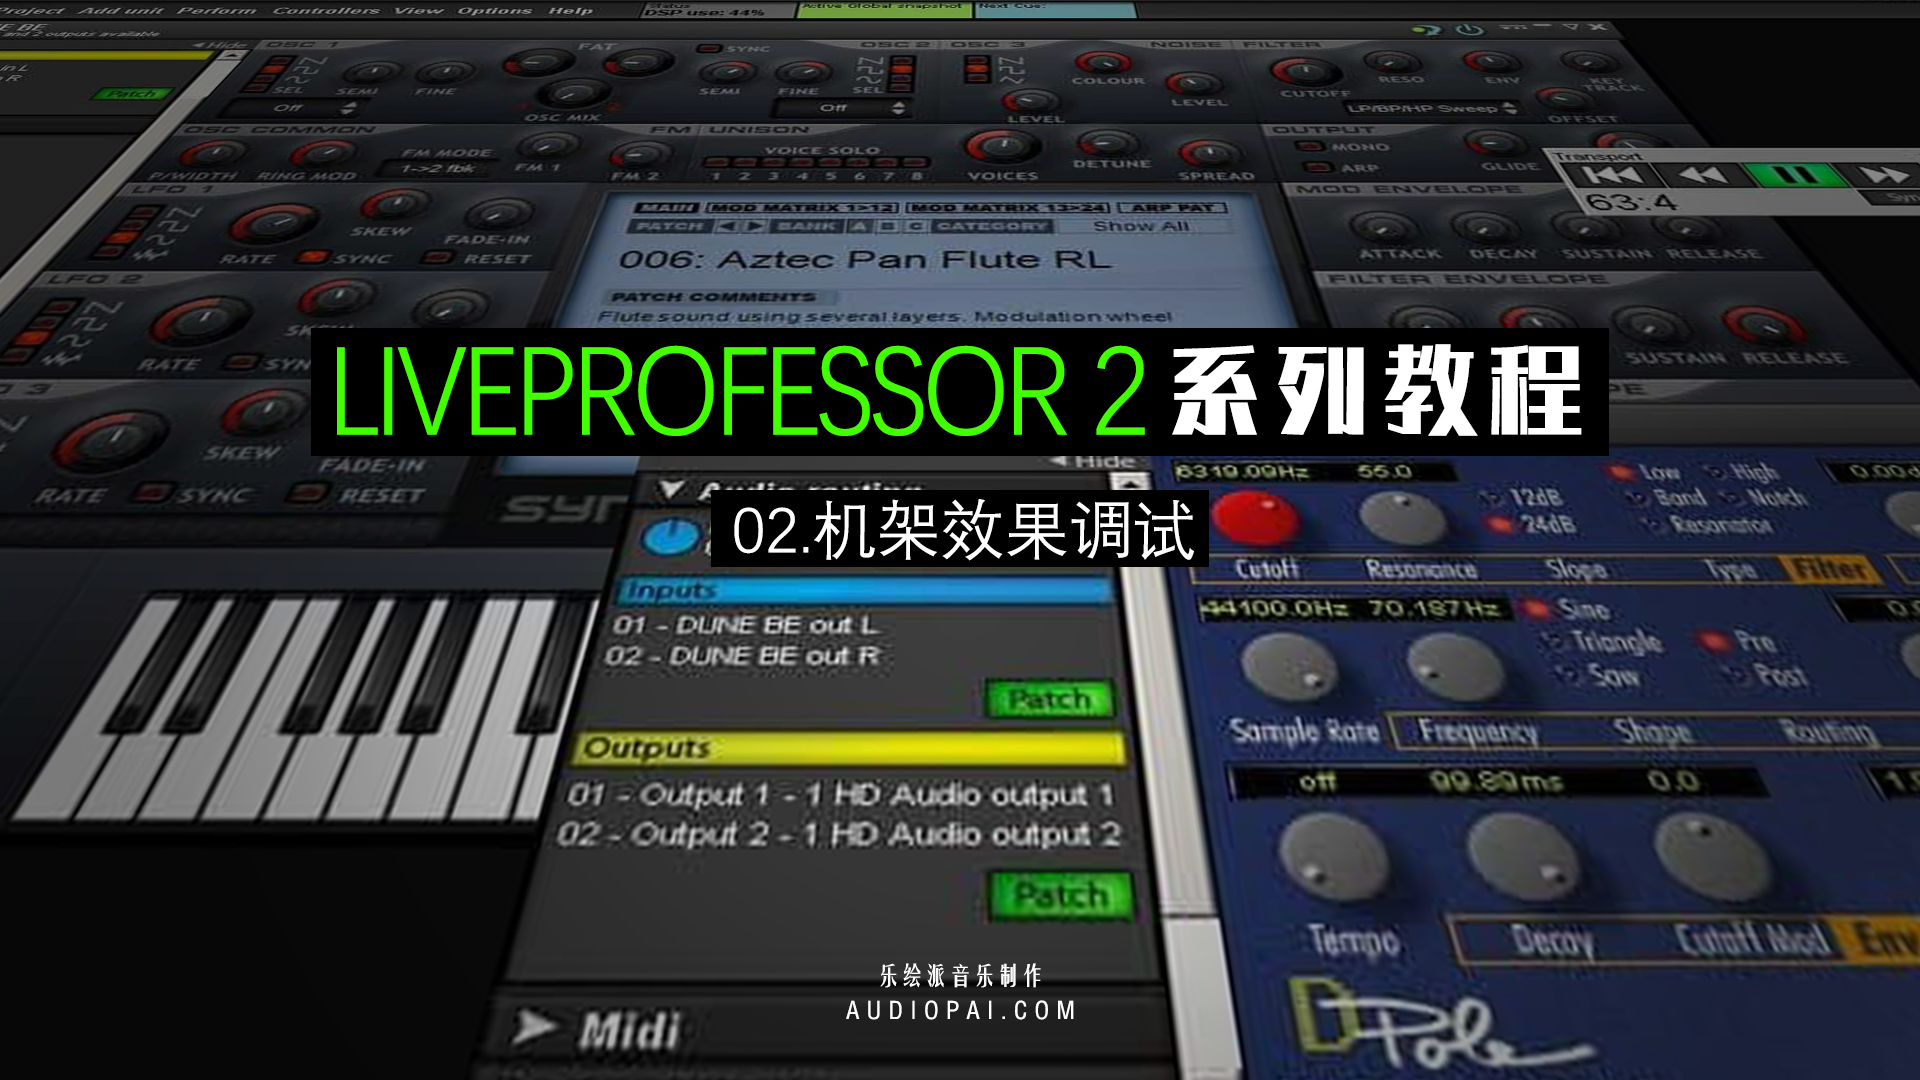 LIVEPROFESSOR 2声卡机架搭建调试教程[02]机架效果调试